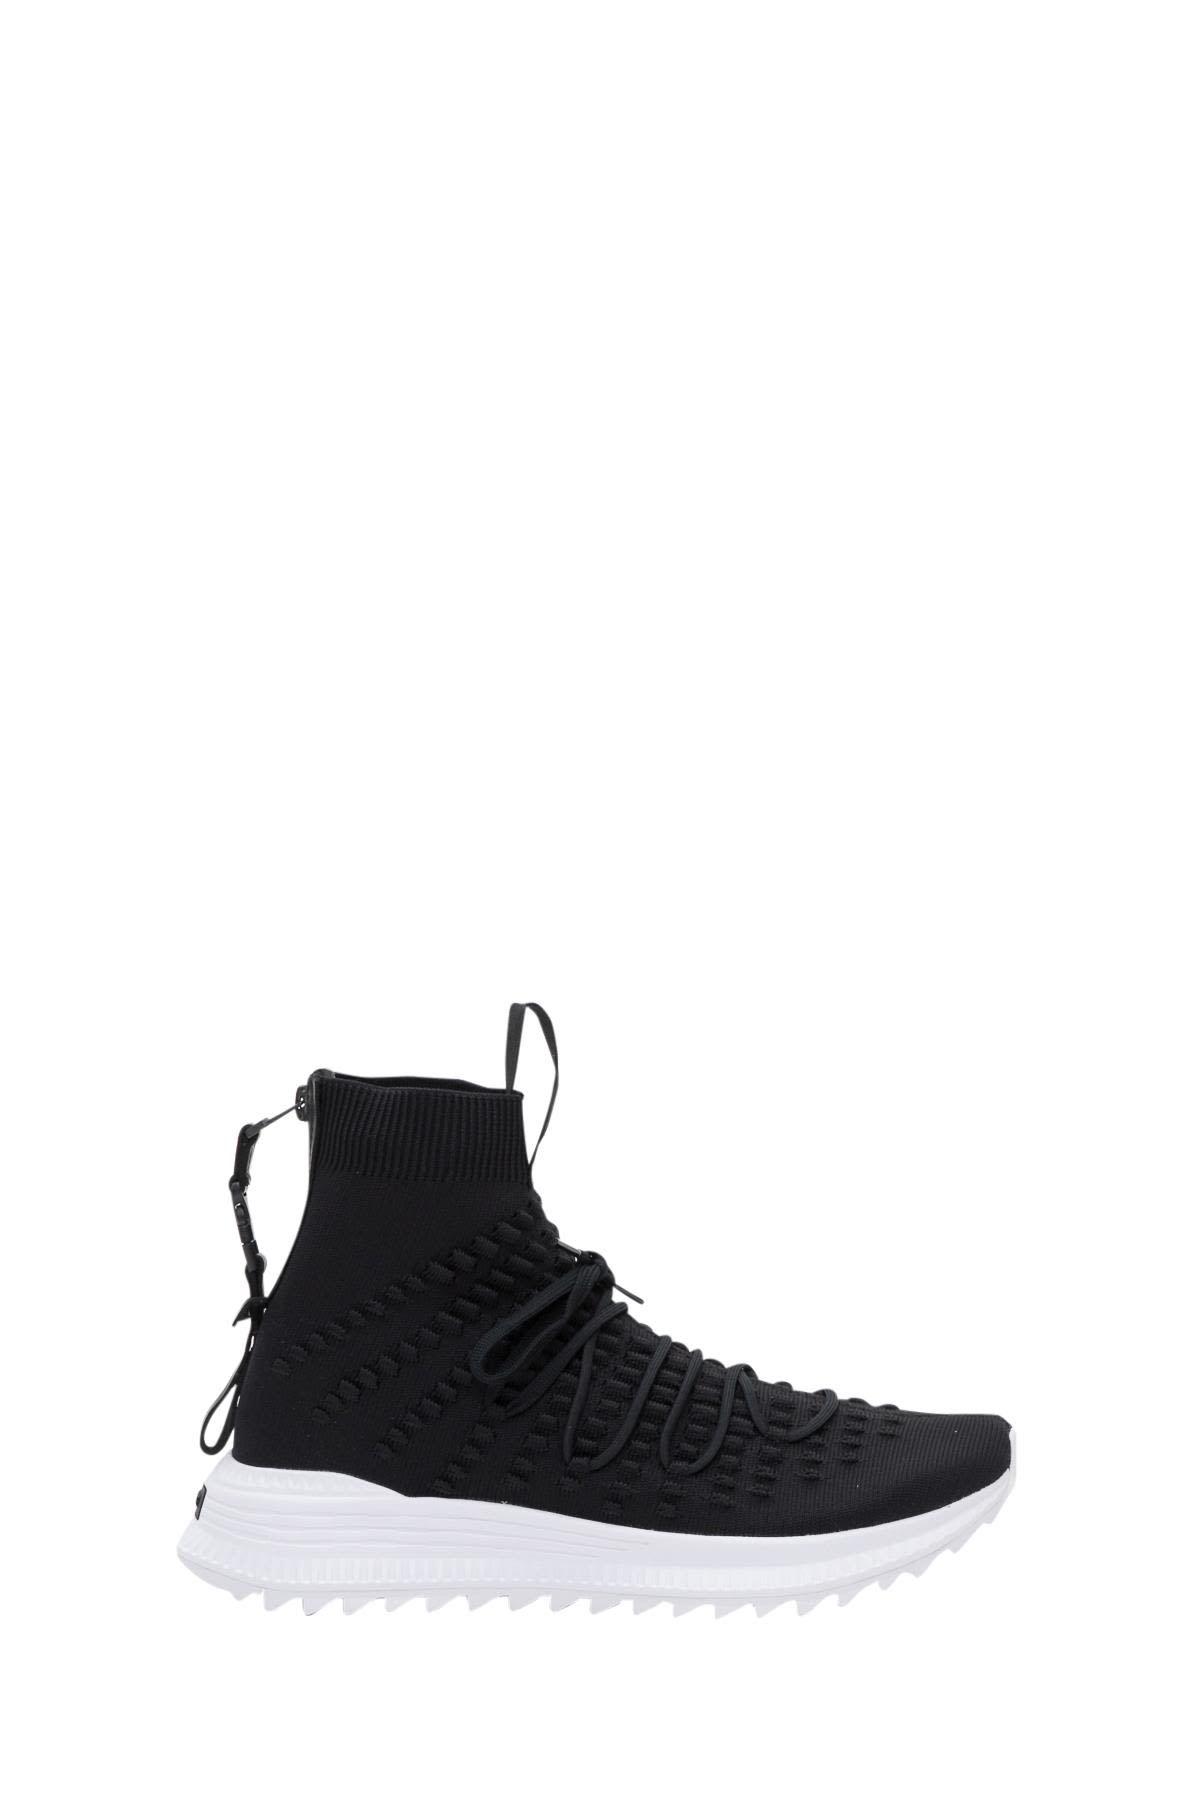 6c2469a2a53 PUMA AVID FUSEFIT MID SNEAKERS.  puma  shoes